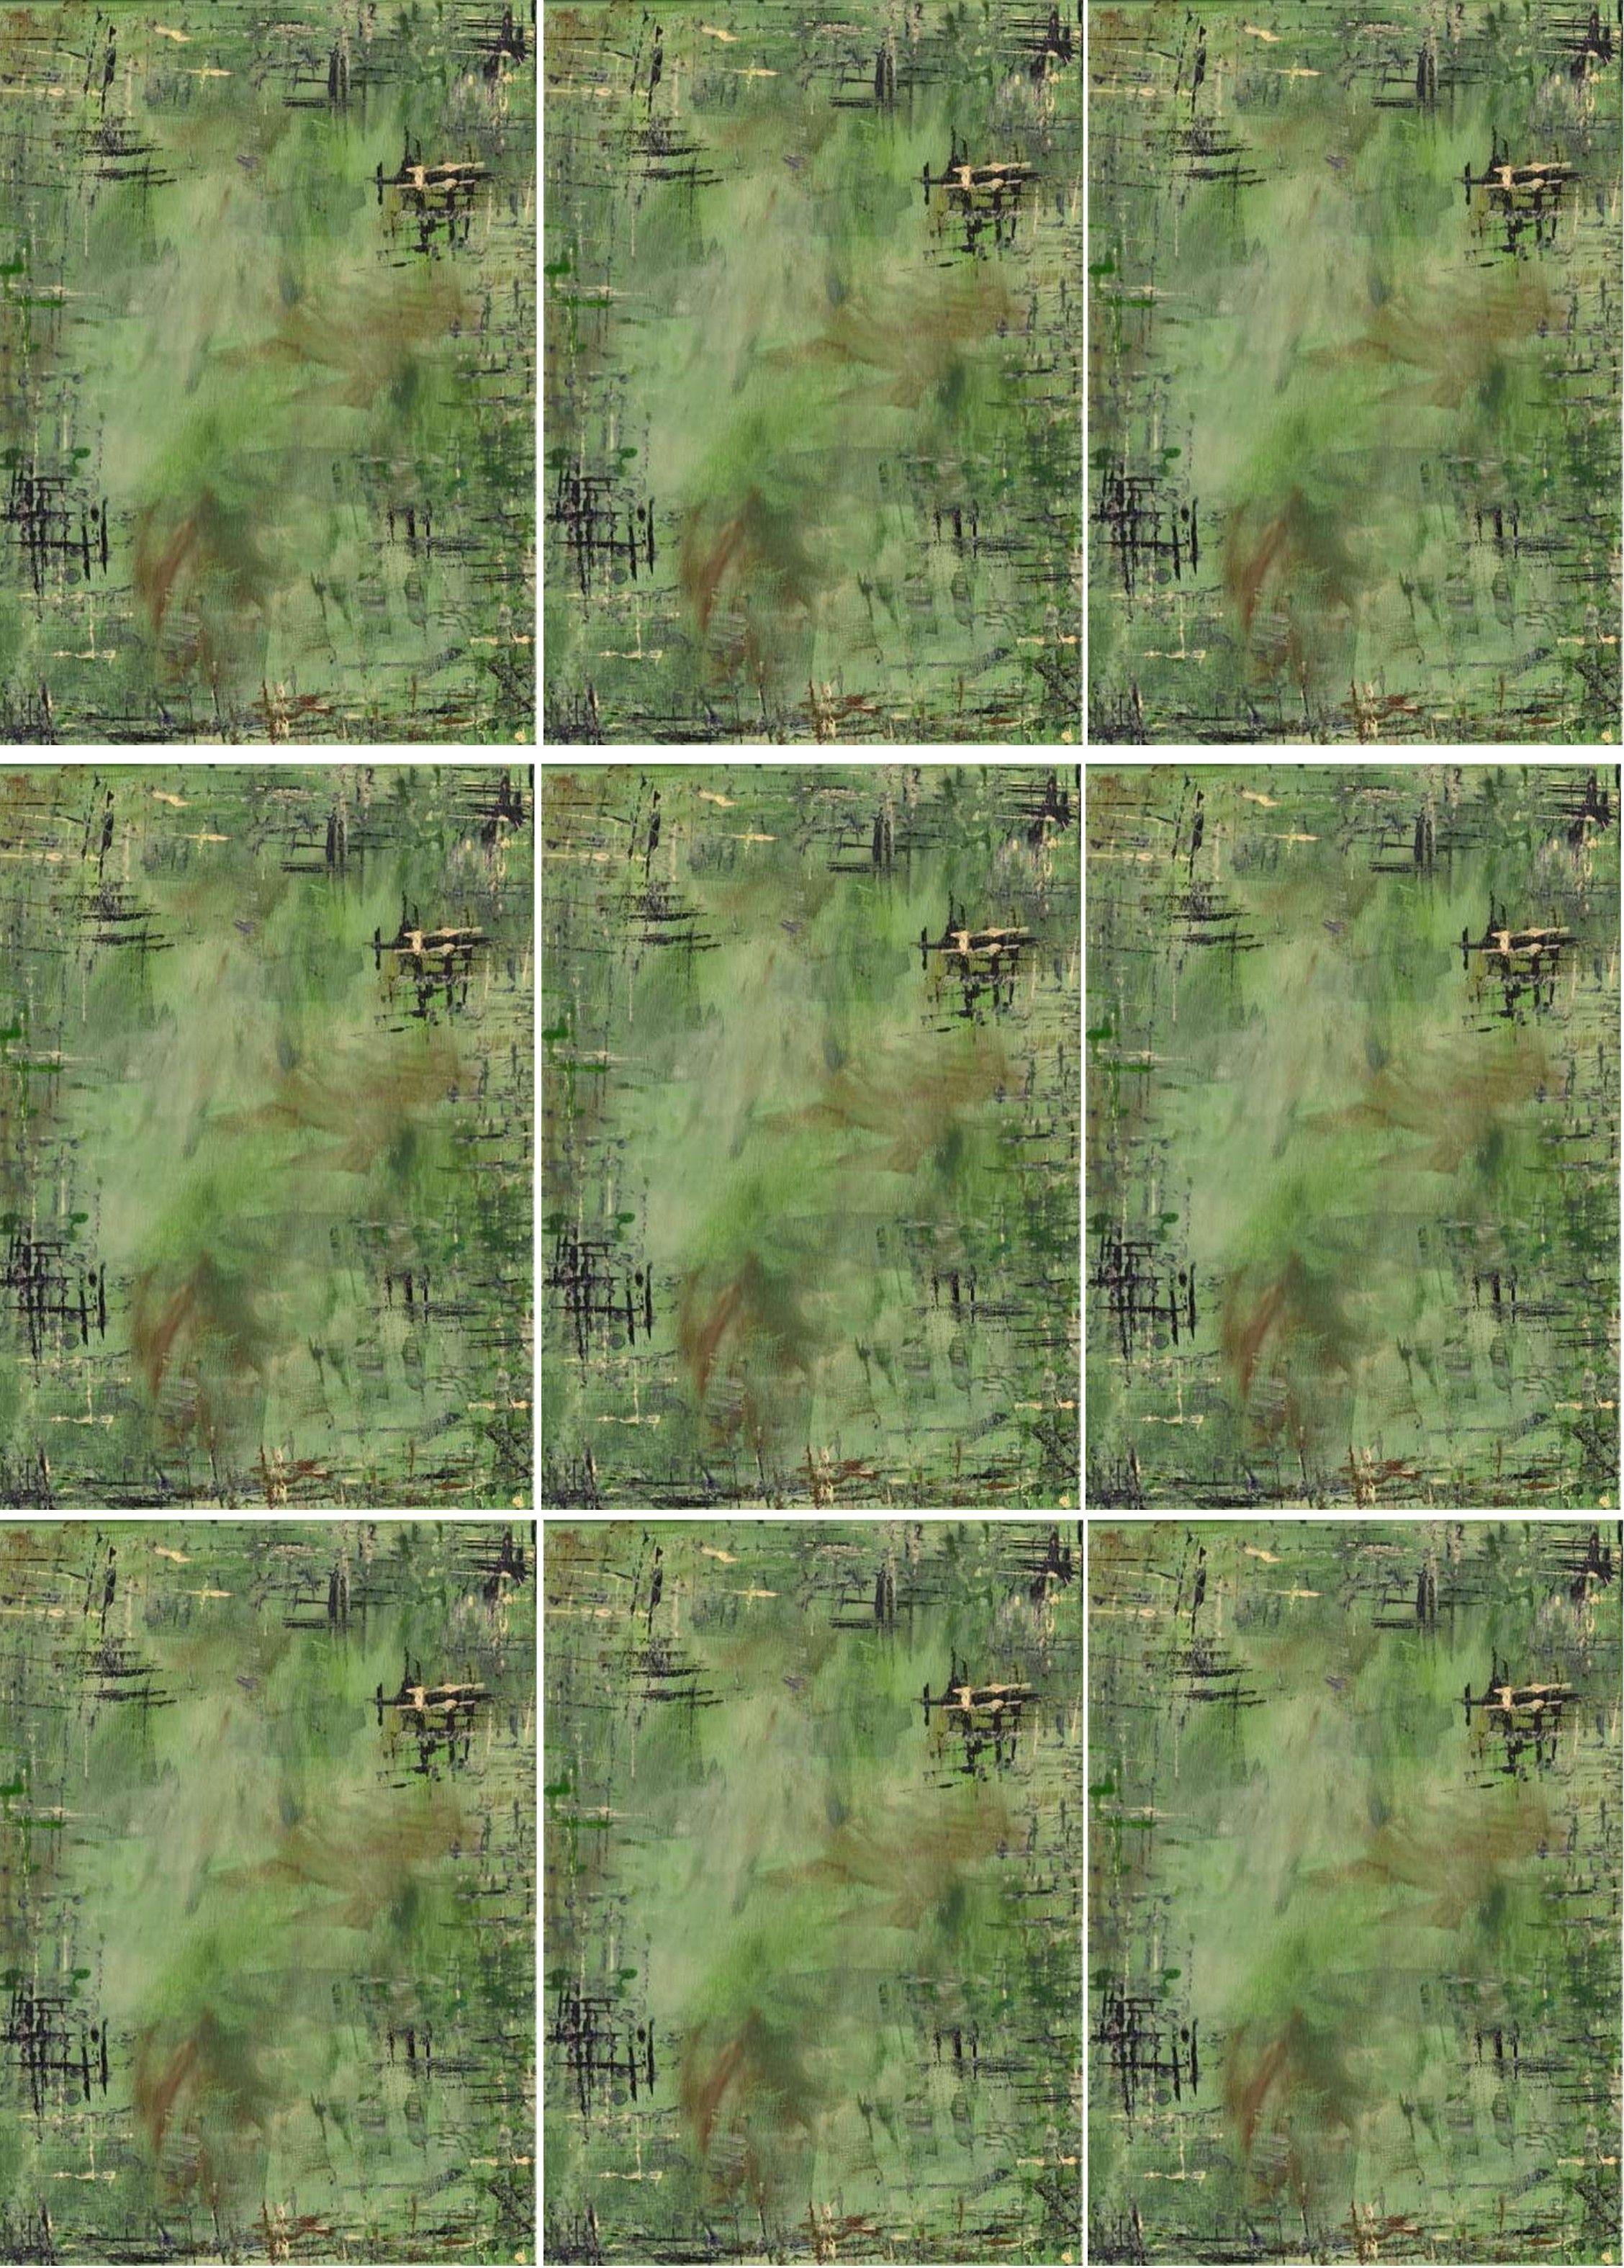 atcbackground2.jpg (JPEG Image, 2256×3150 pixels) - Scaled (19%)